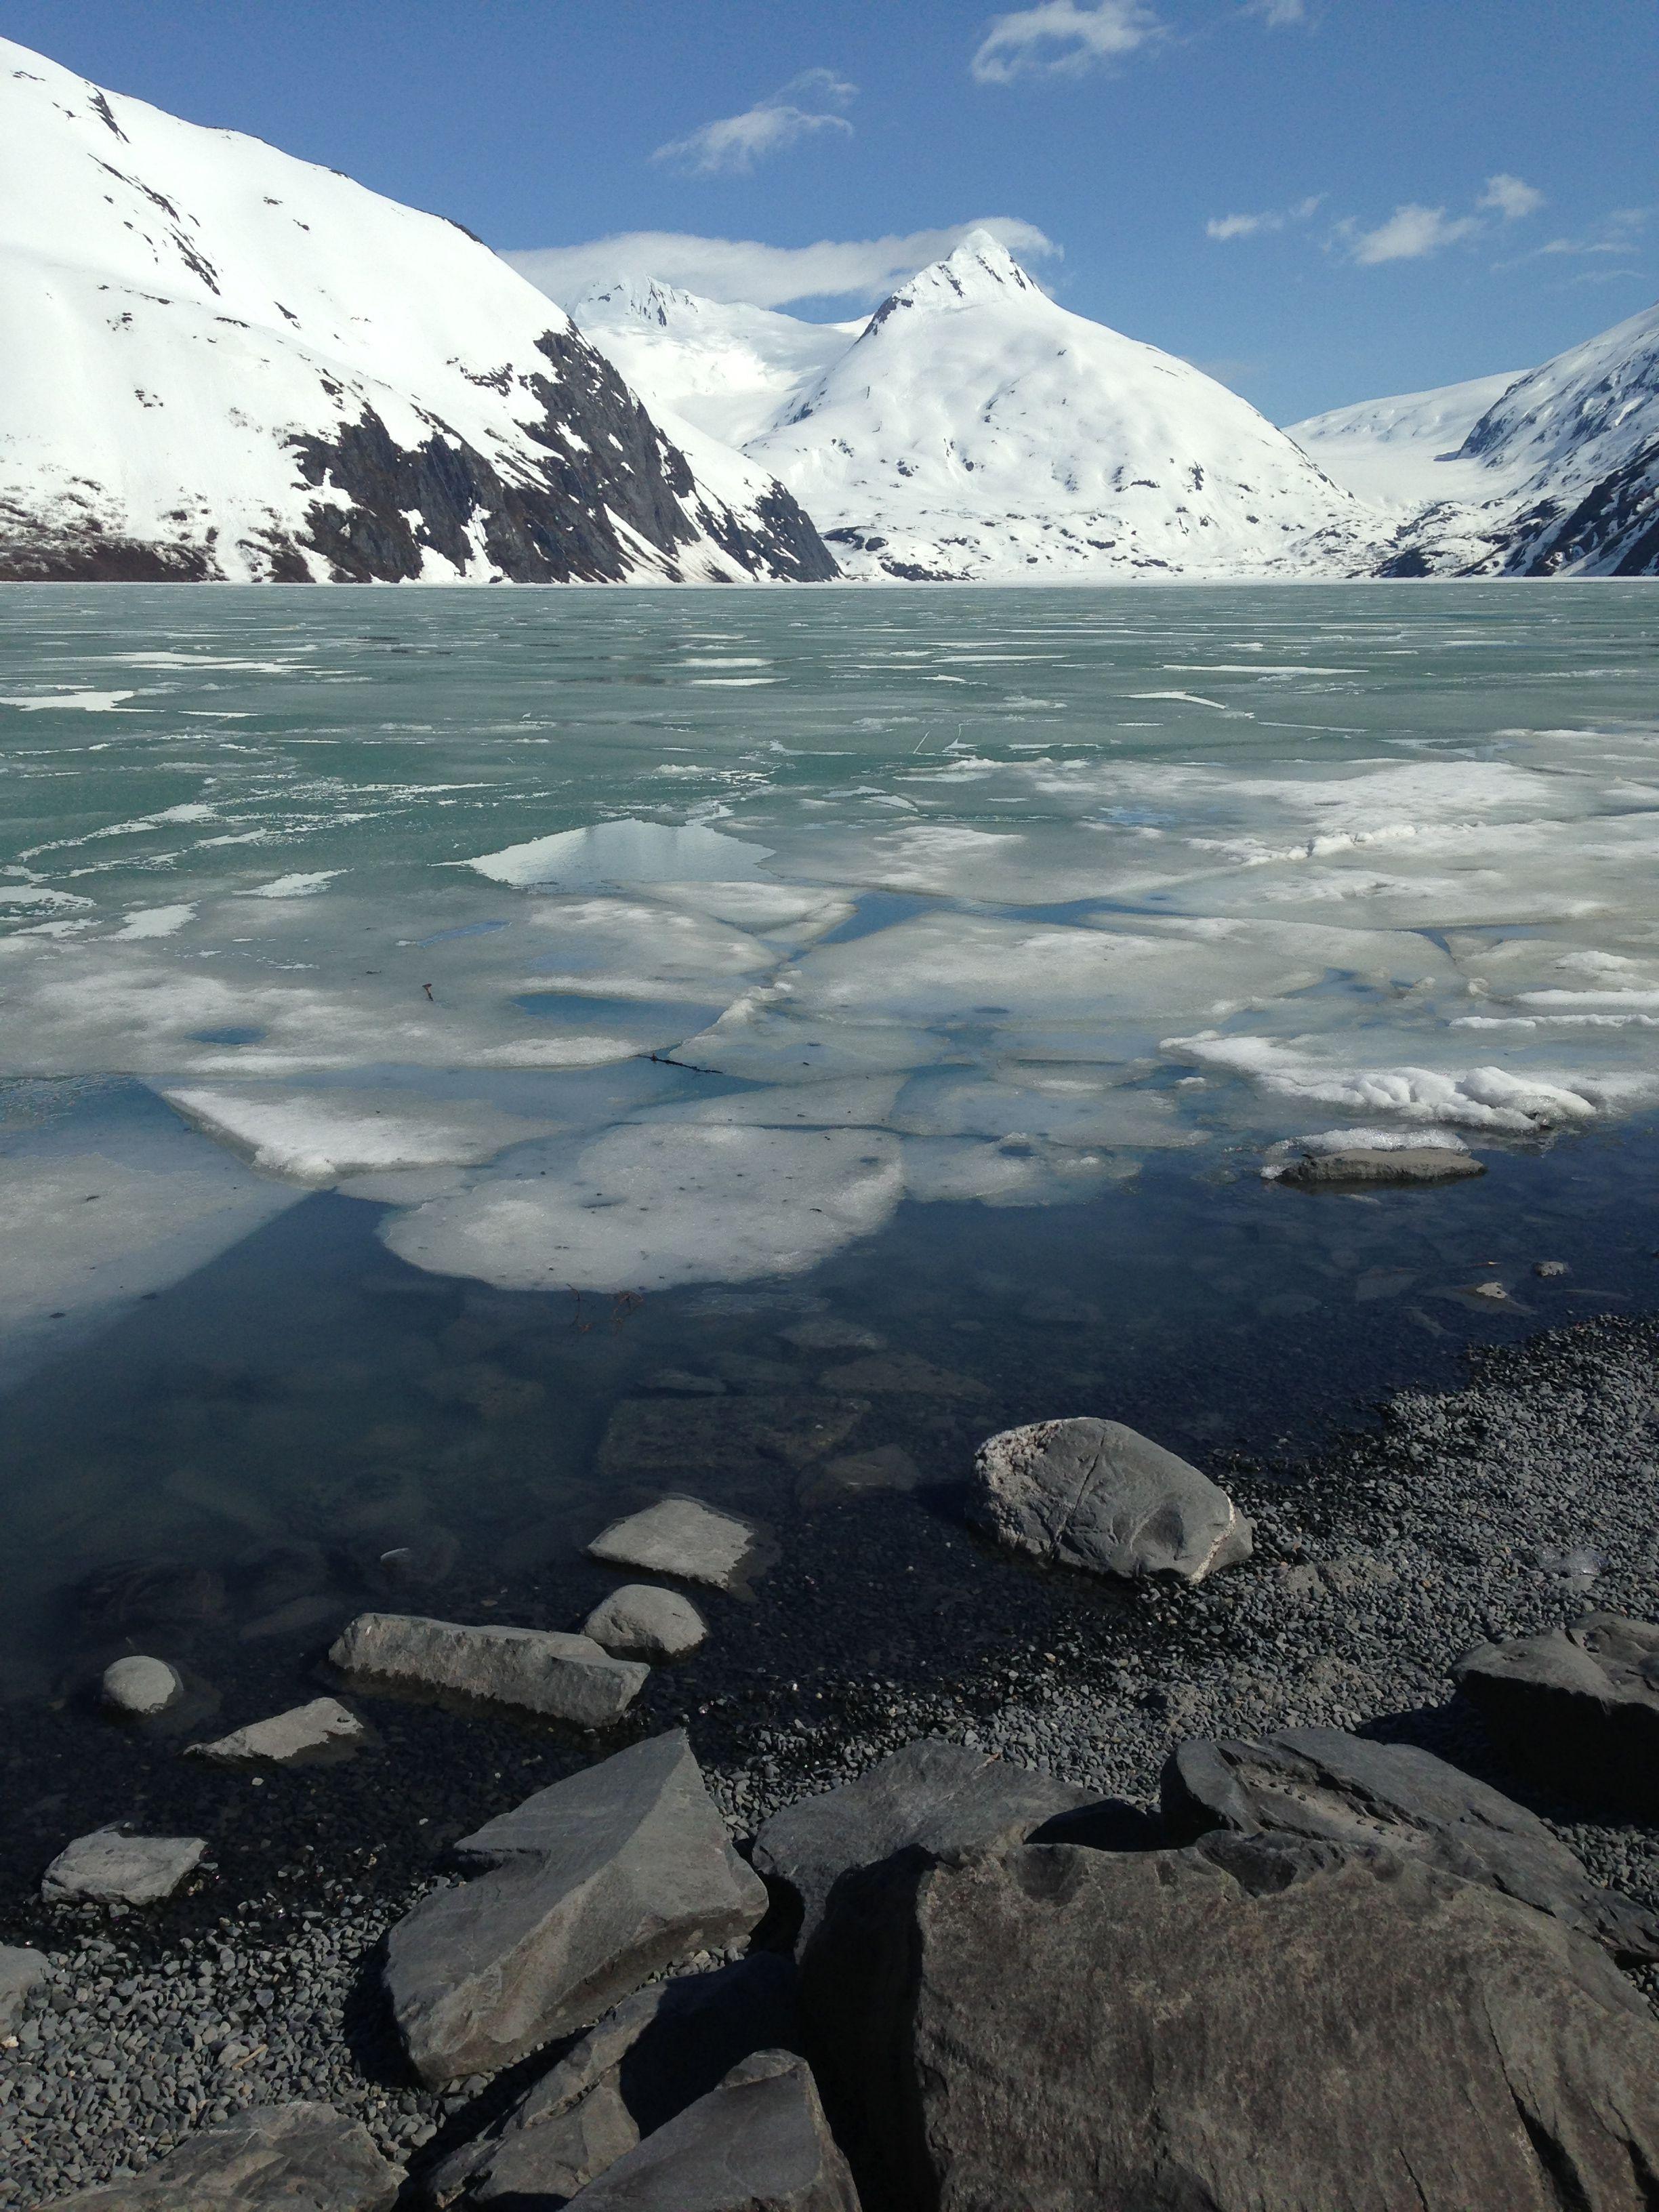 Travel Alaska - Portage Glacier and Area Attractions